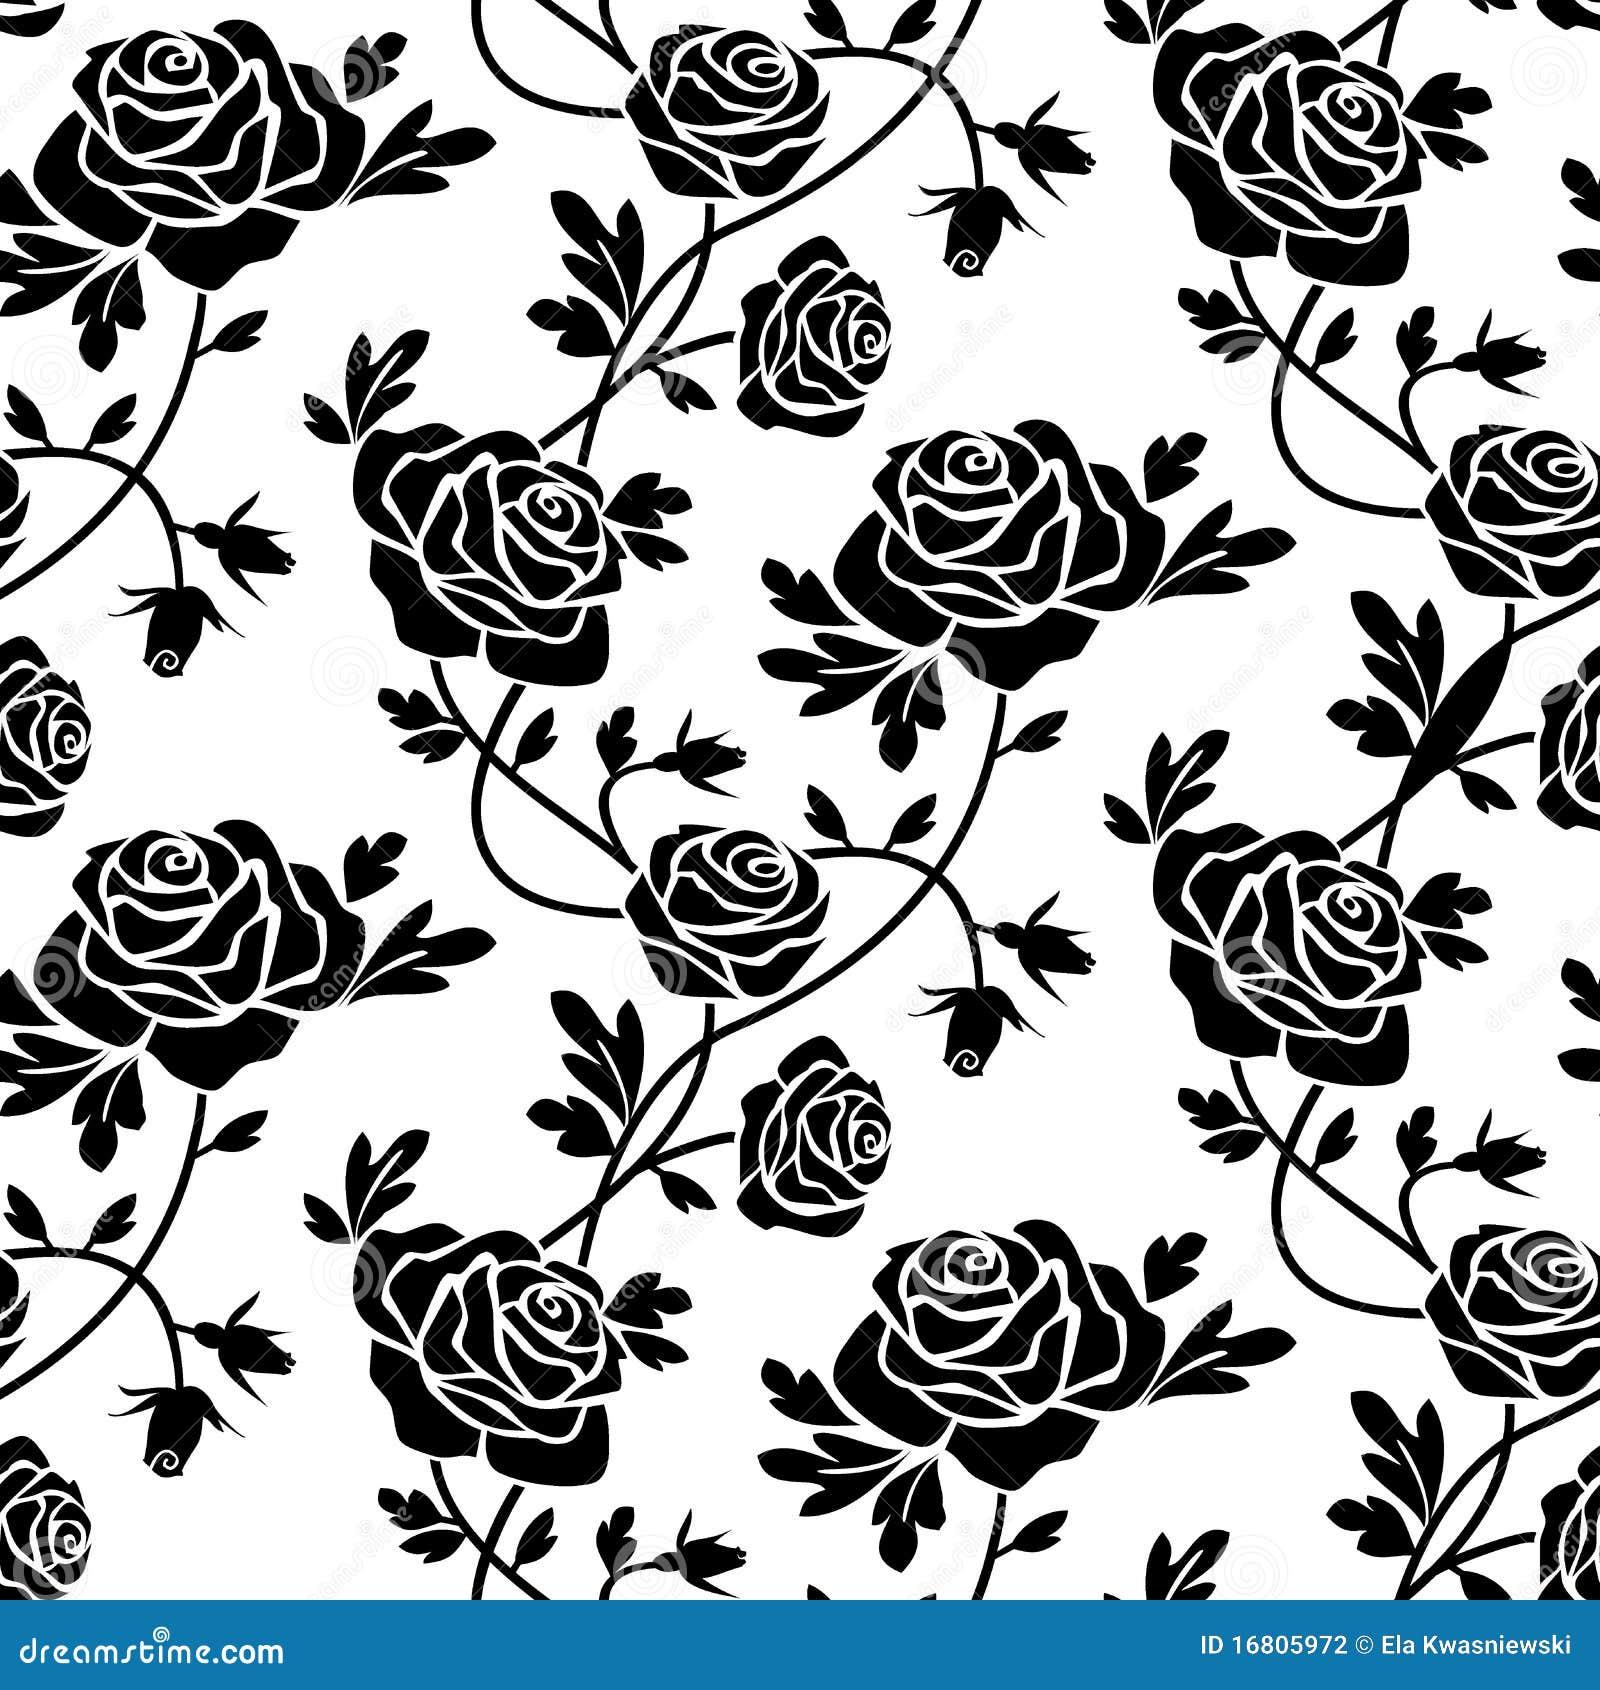 zwarte rozen bij wit 16805972 - Rozen Behang